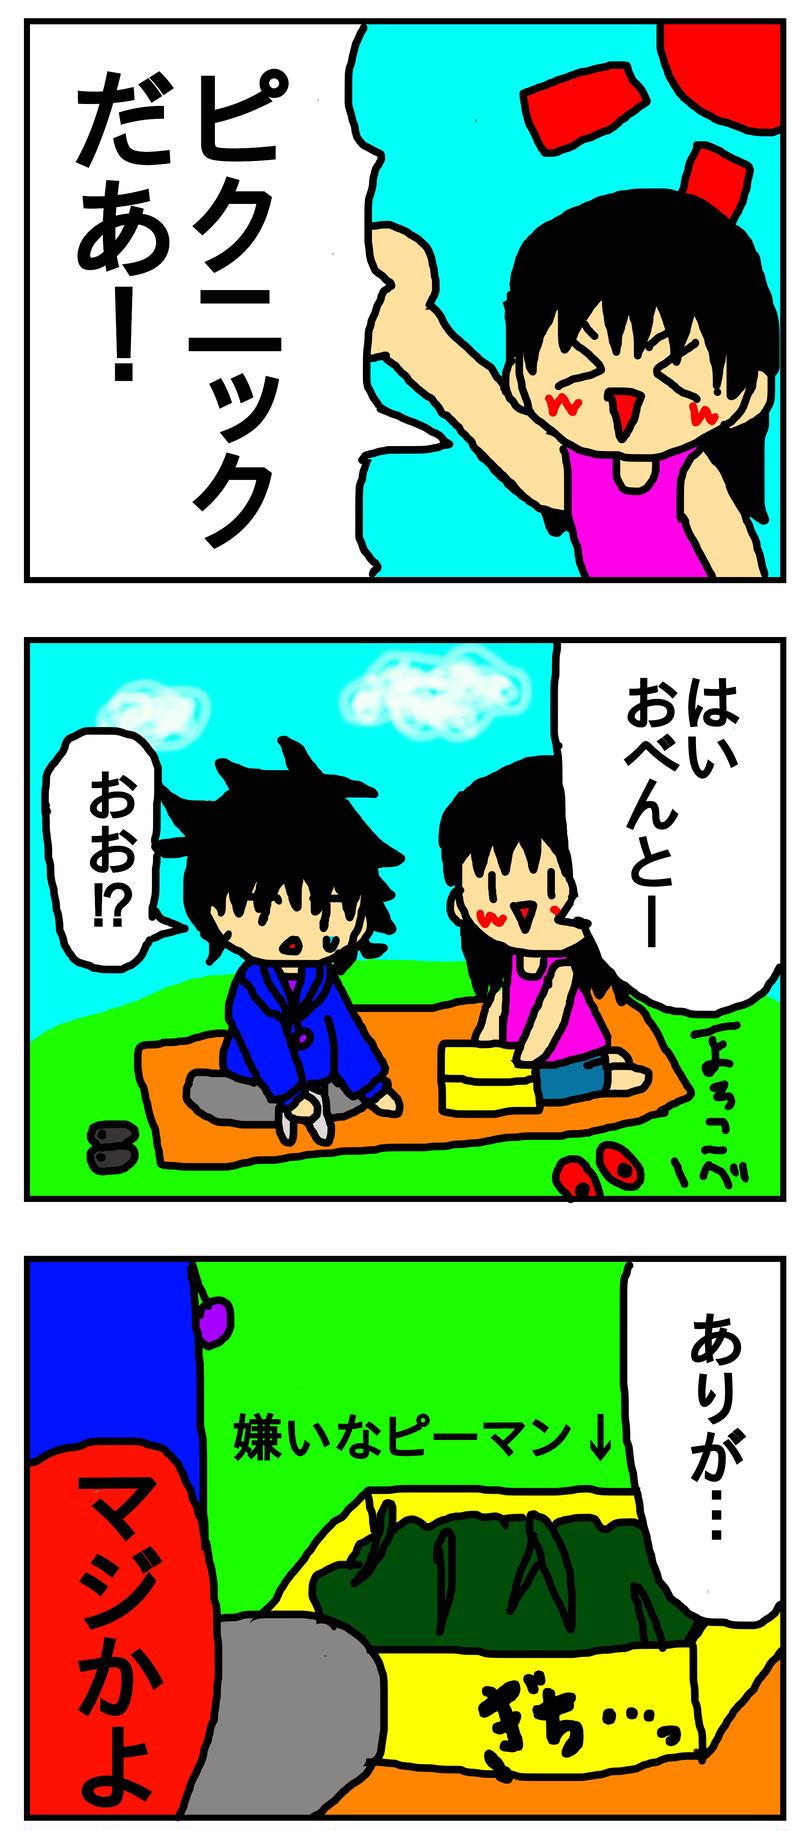 大親友とピクニックするよ!